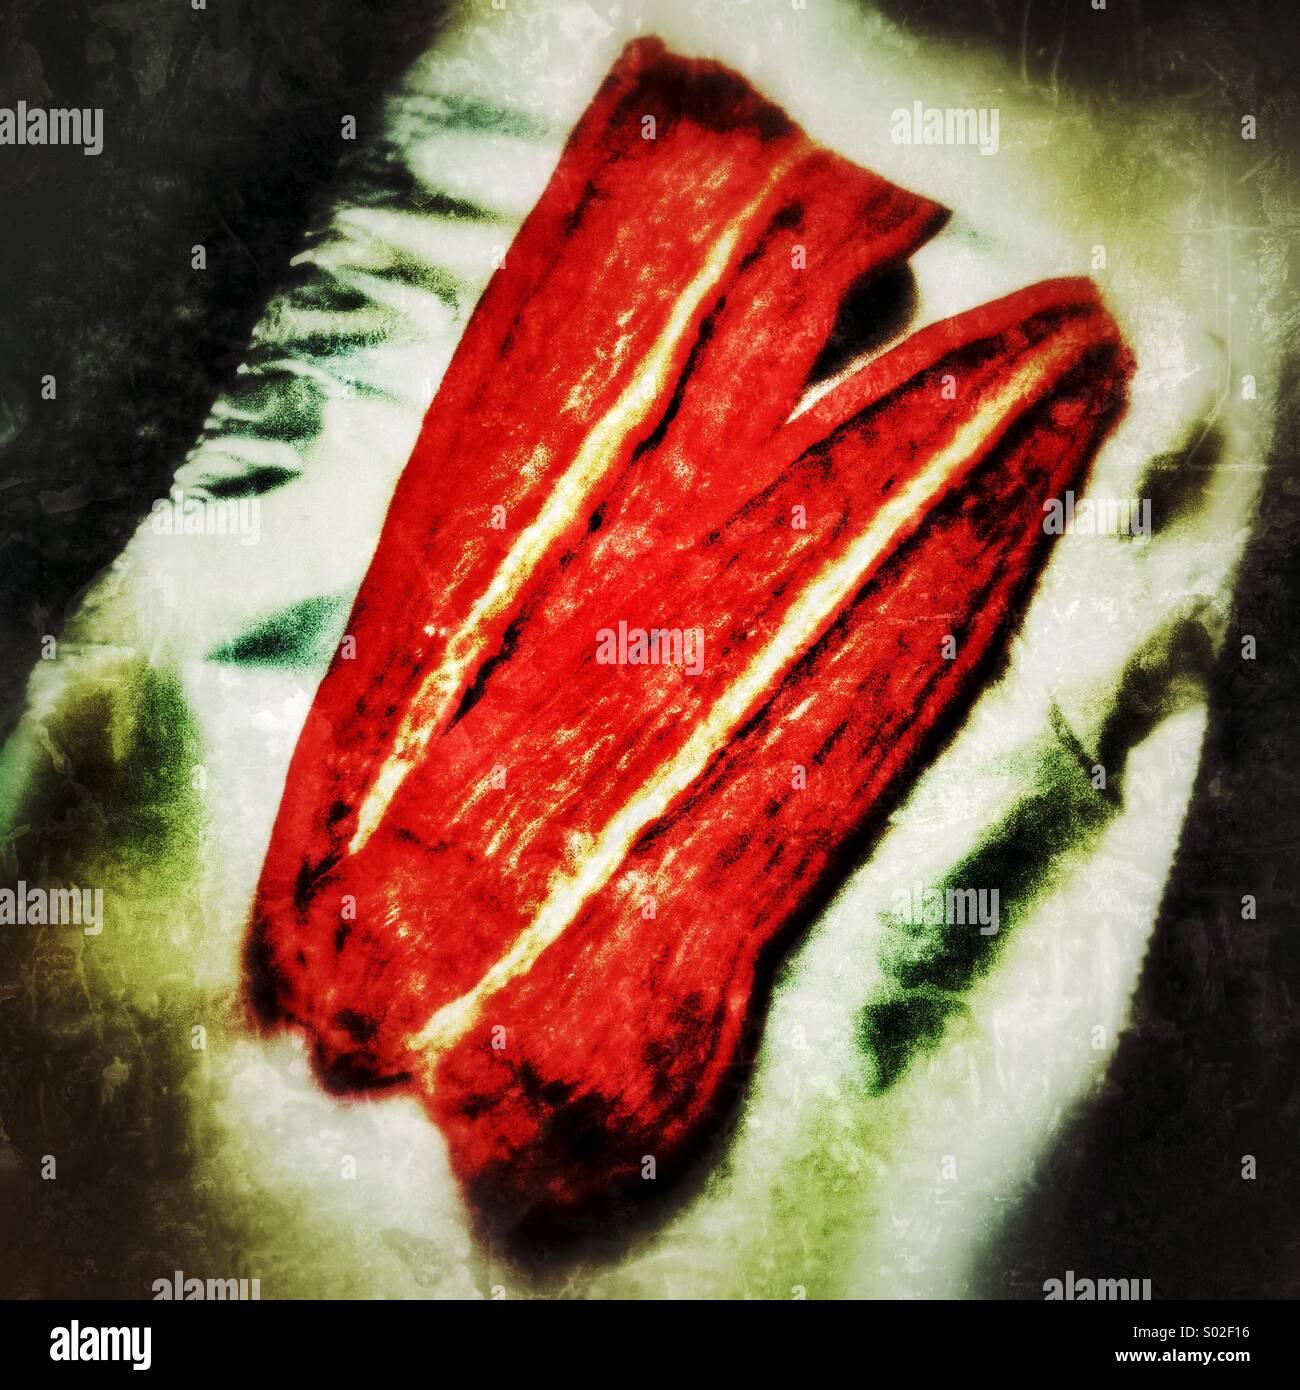 Peperone rosso metà Immagini Stock